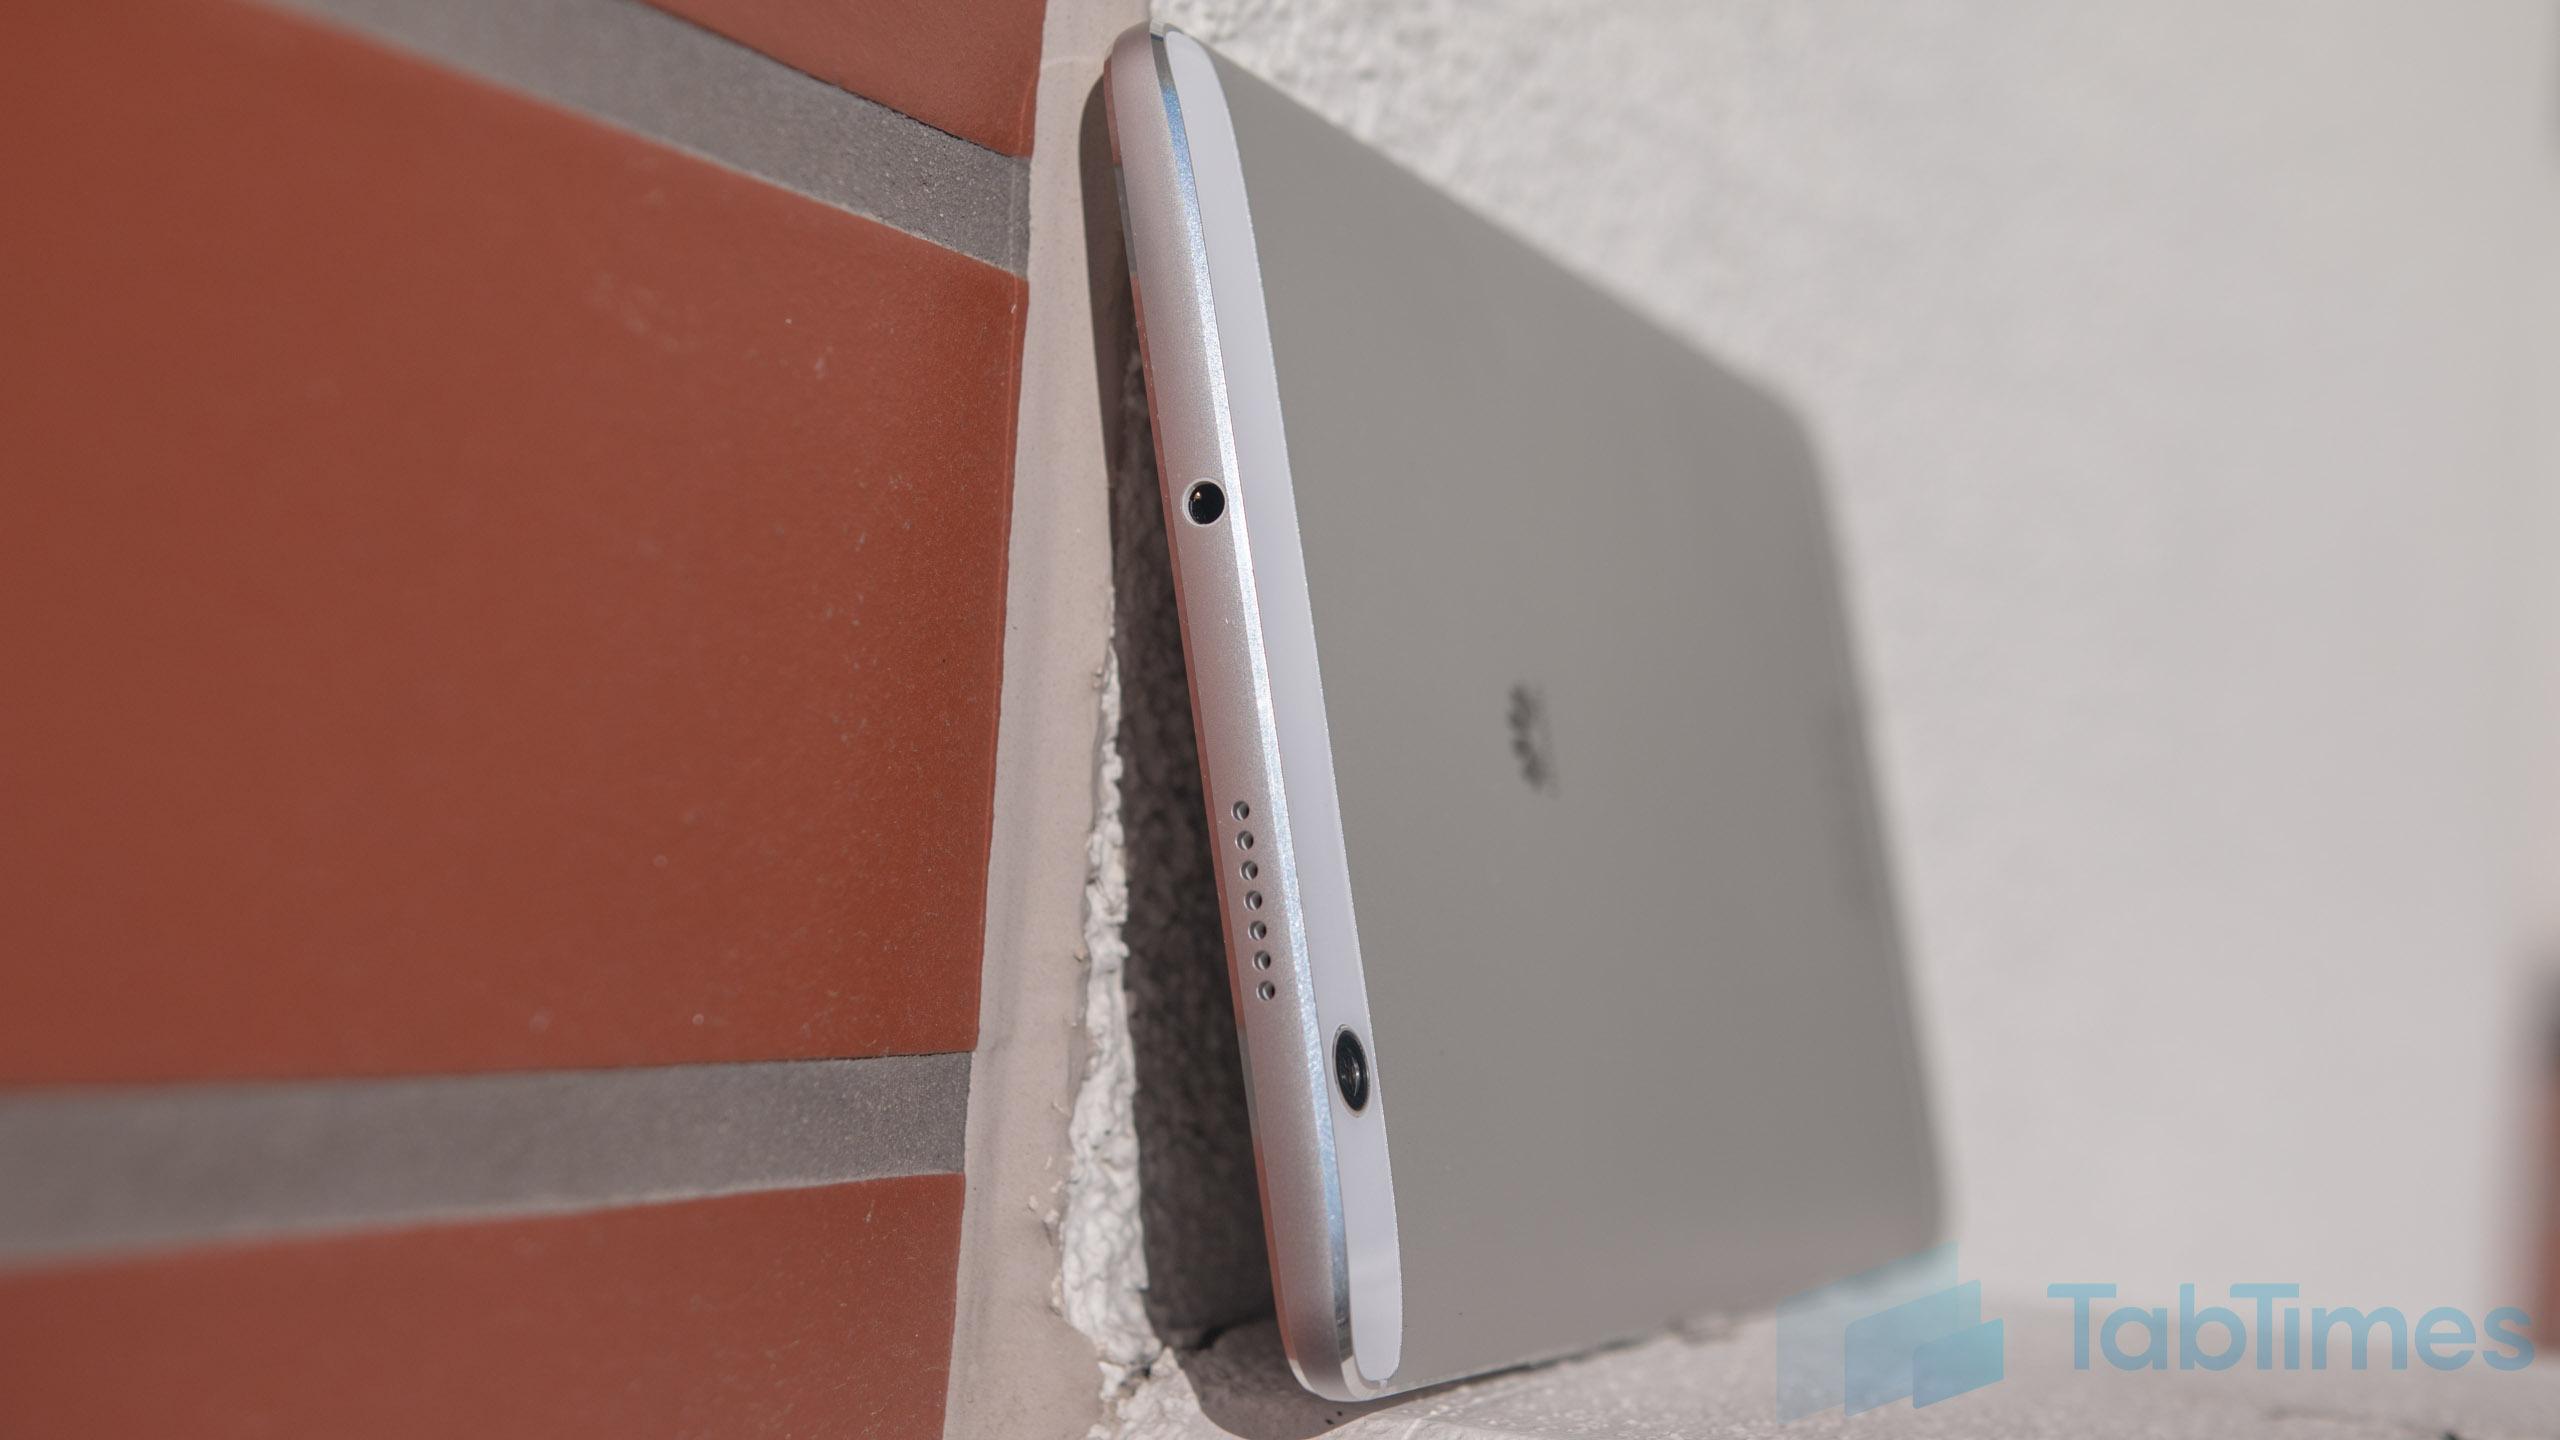 Huawei-MediaPad-M3-TabTimes-8-of-19